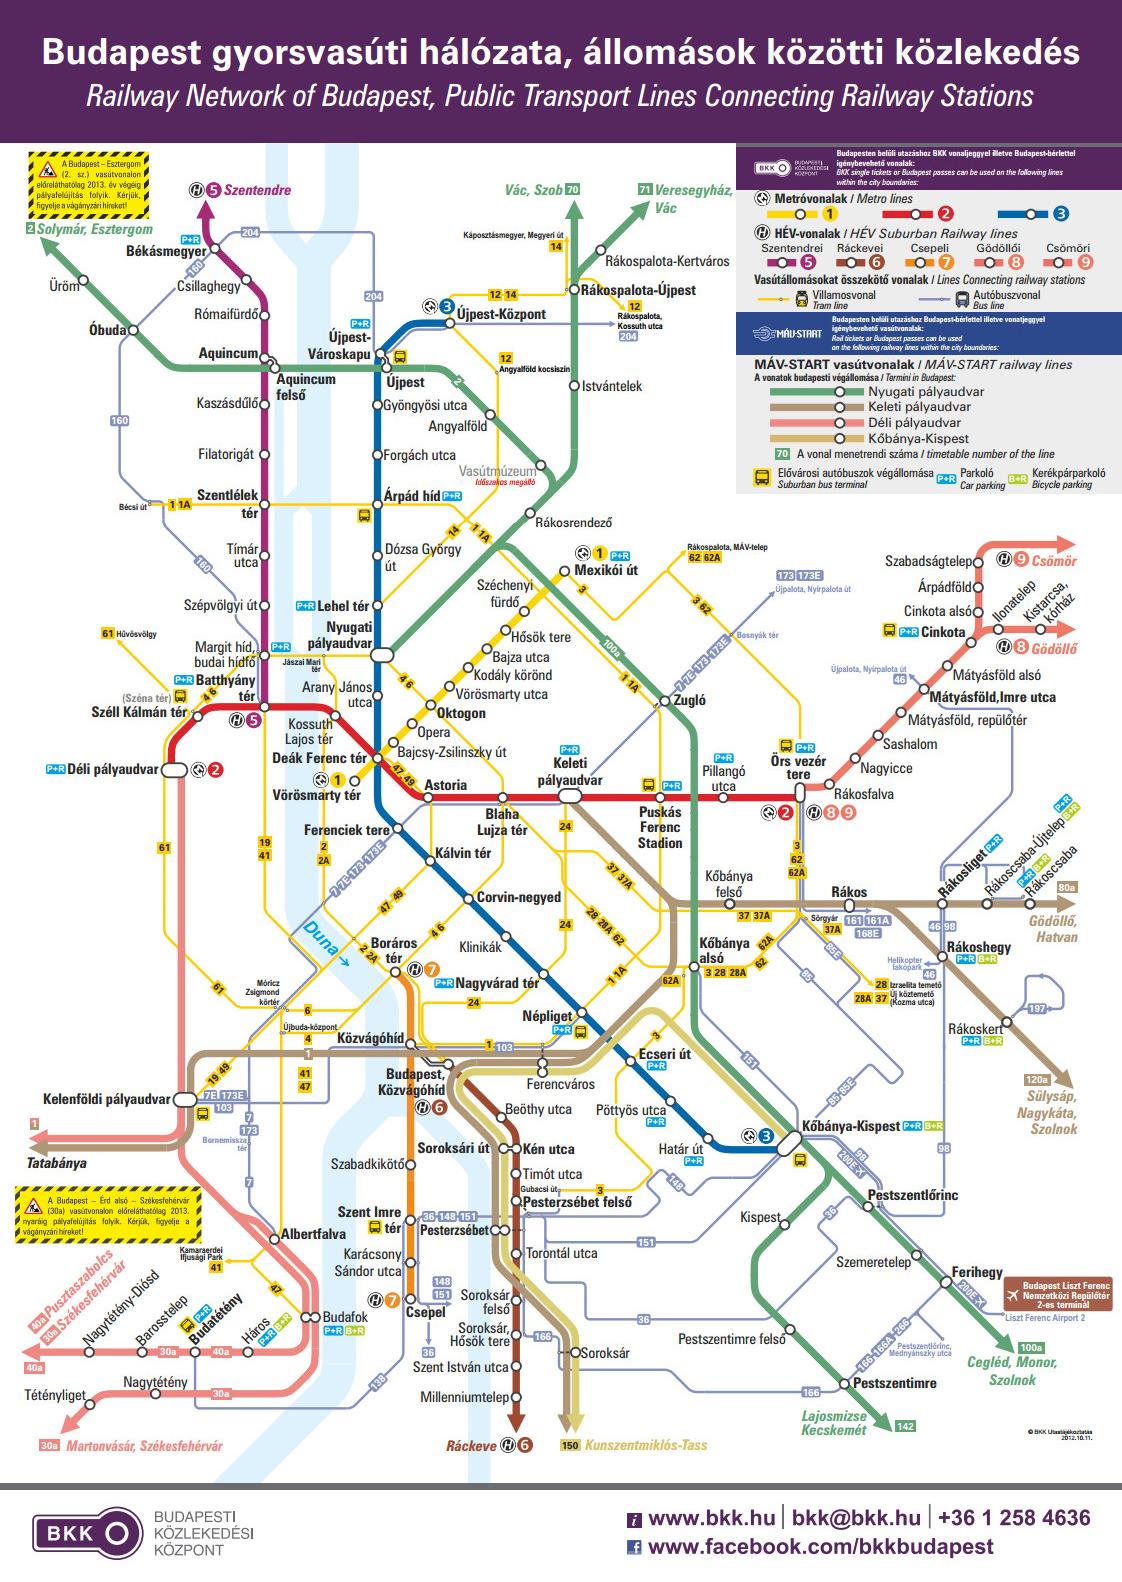 bp tömegközlekedési térkép IHO   Közút   Budapesti spagetti BKK módra bp tömegközlekedési térkép